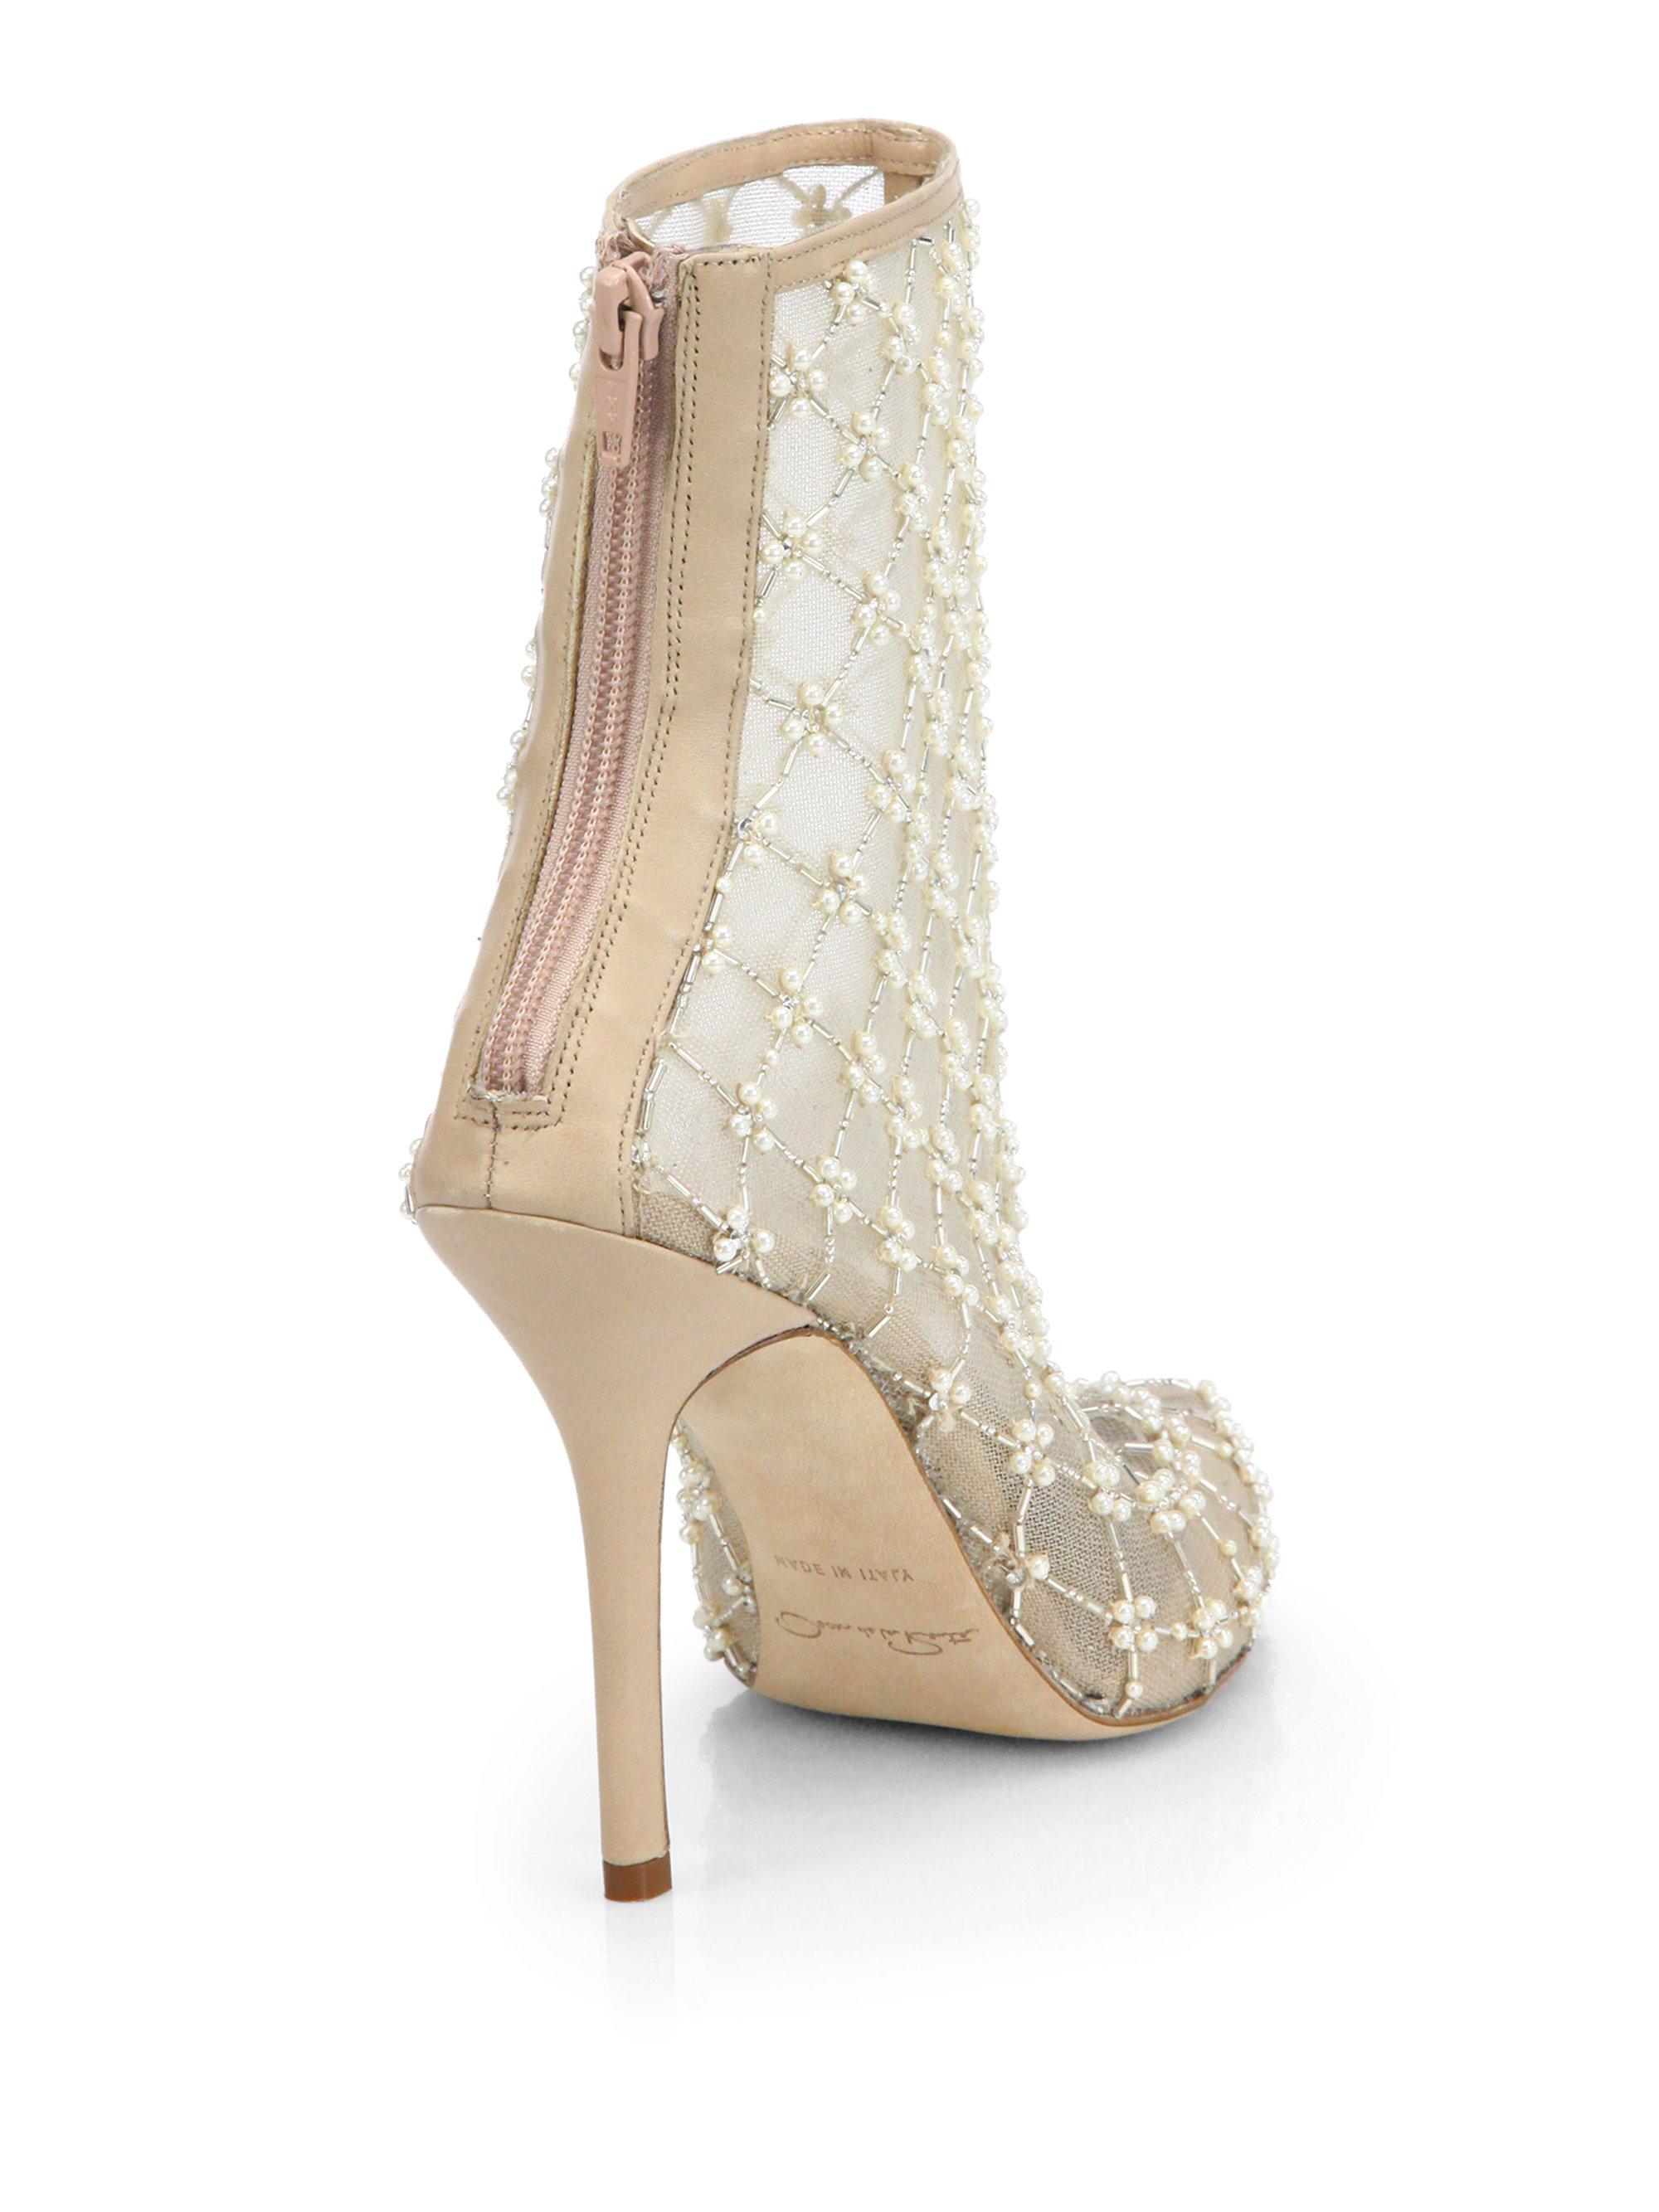 Authentic Online FOOTWEAR - Boots Oscar De La Renta Shop Offer Online Inexpensive For Sale Cheap Latest Collections bIKHx9FJxP